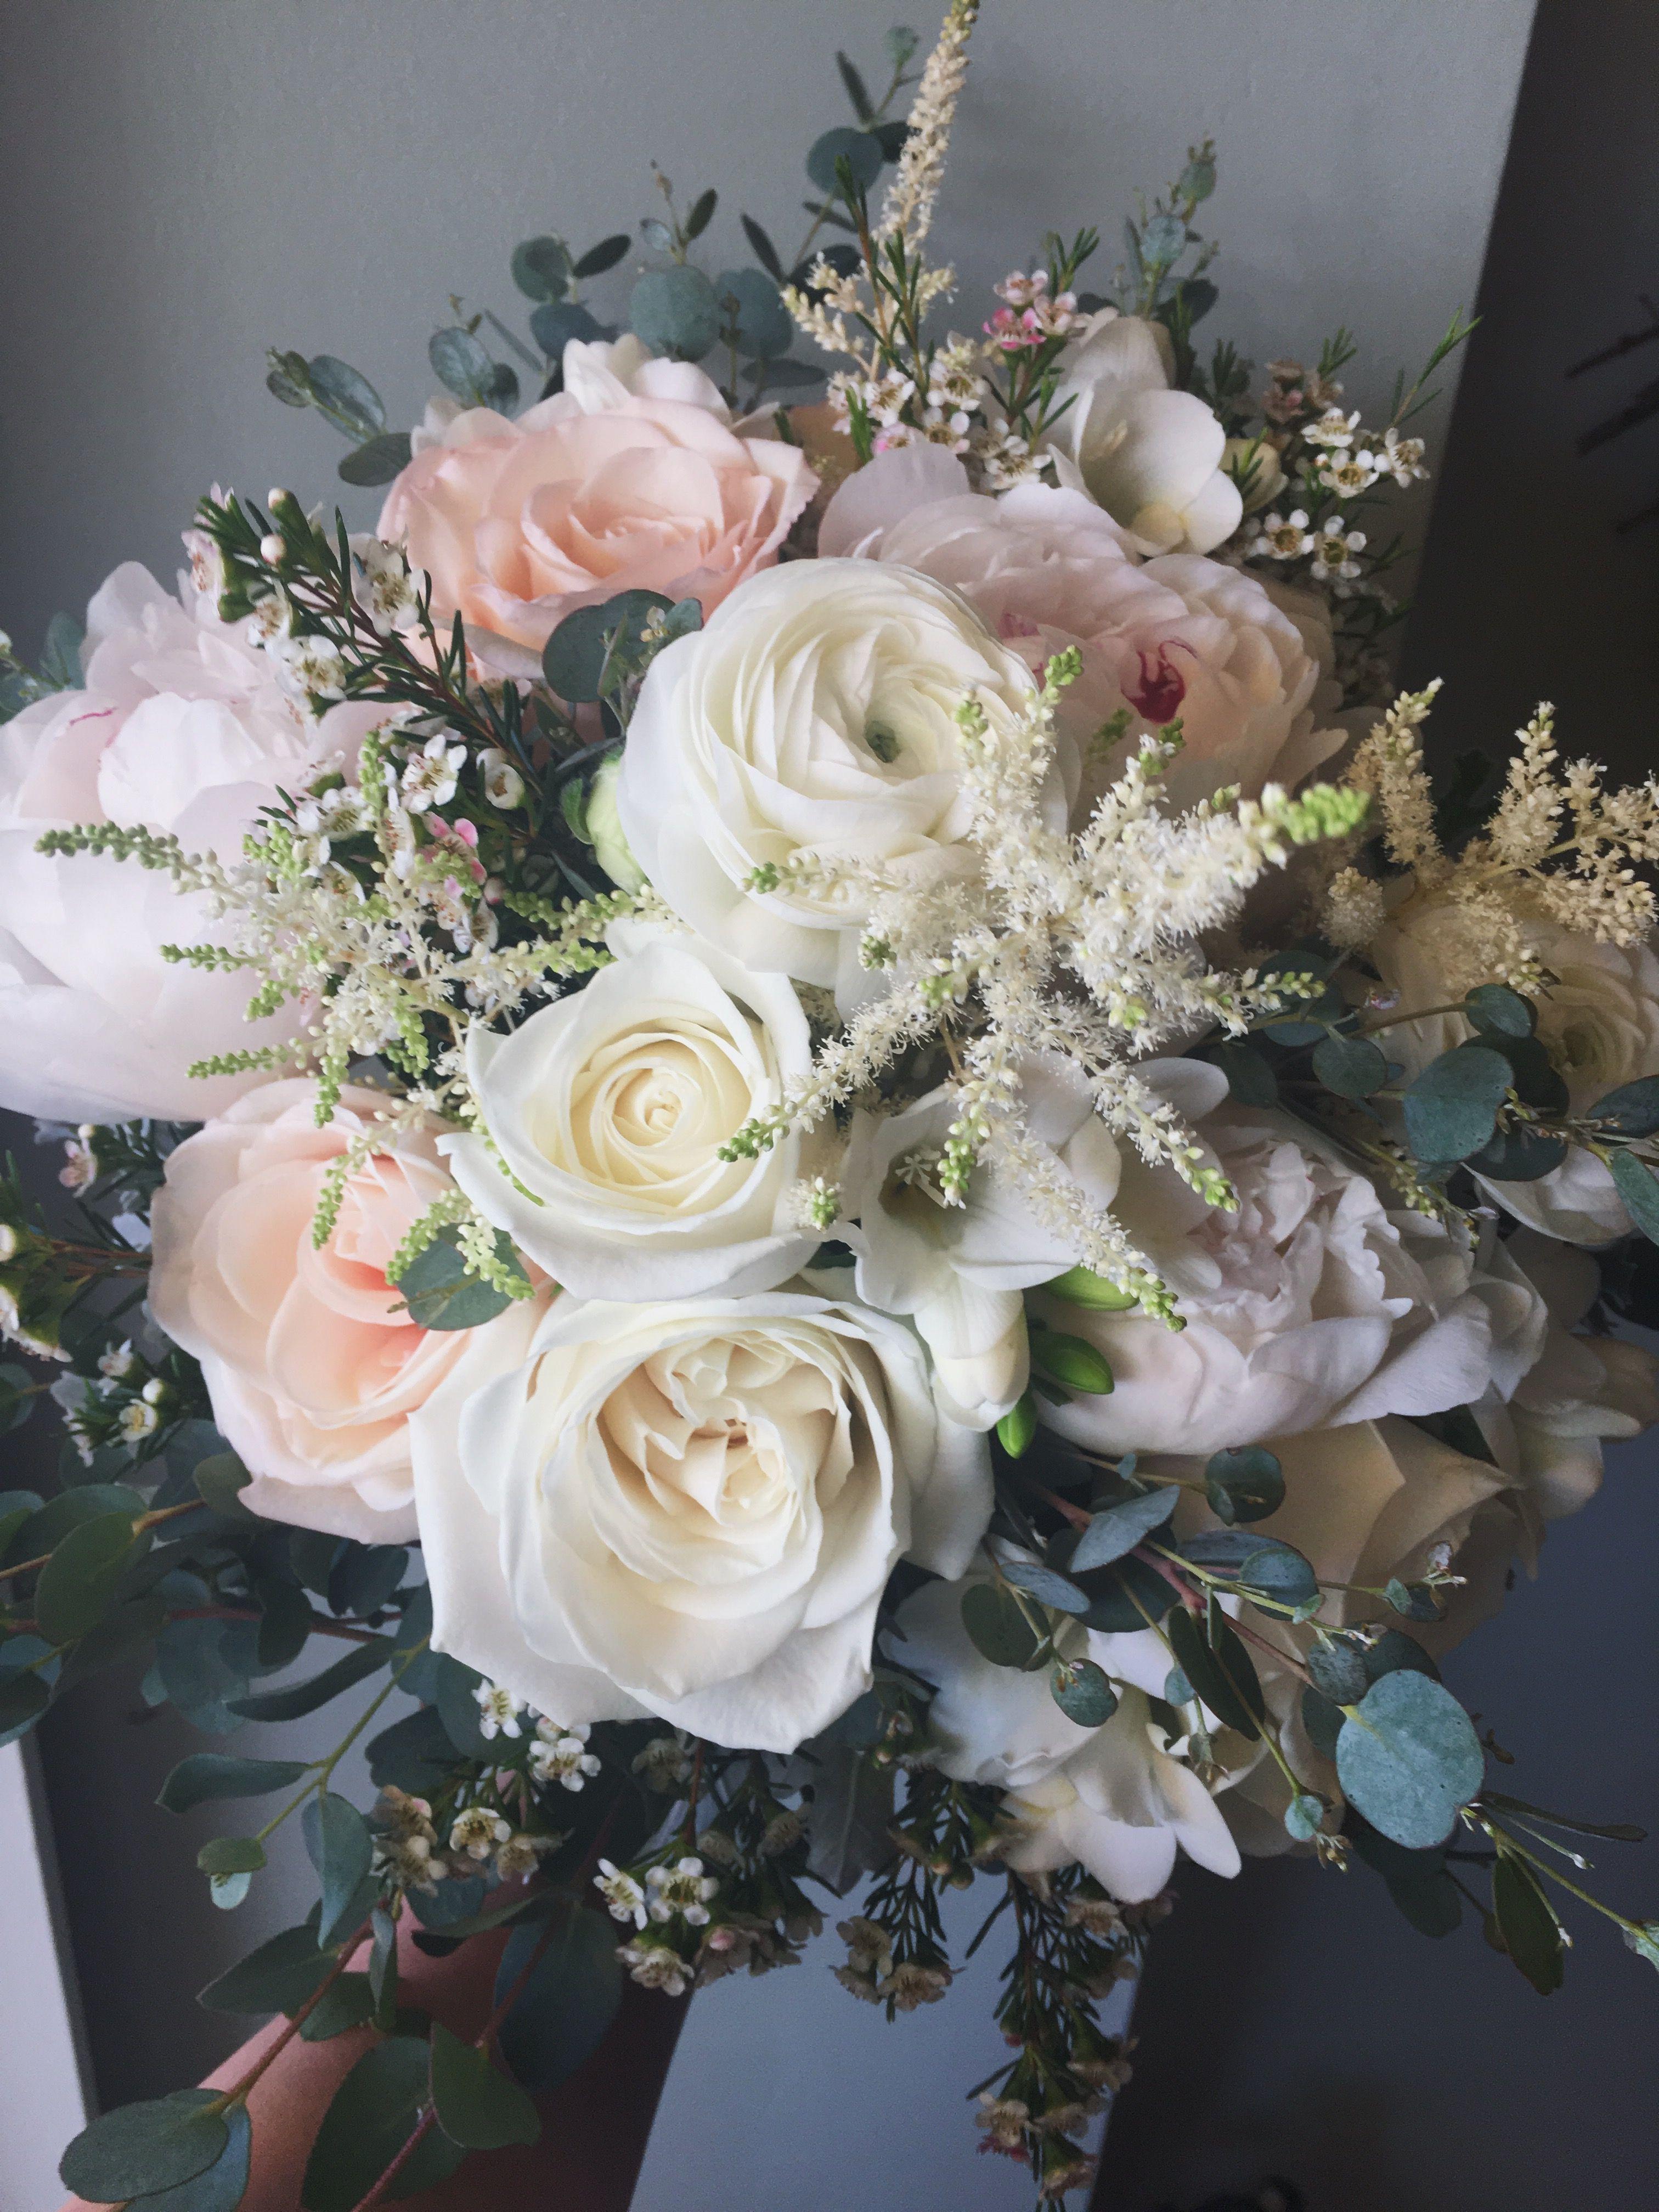 Pink & White Wildflower Wedding Bridal Bouquet @ Eastern Market :: The Vines Flower & Garden Shop